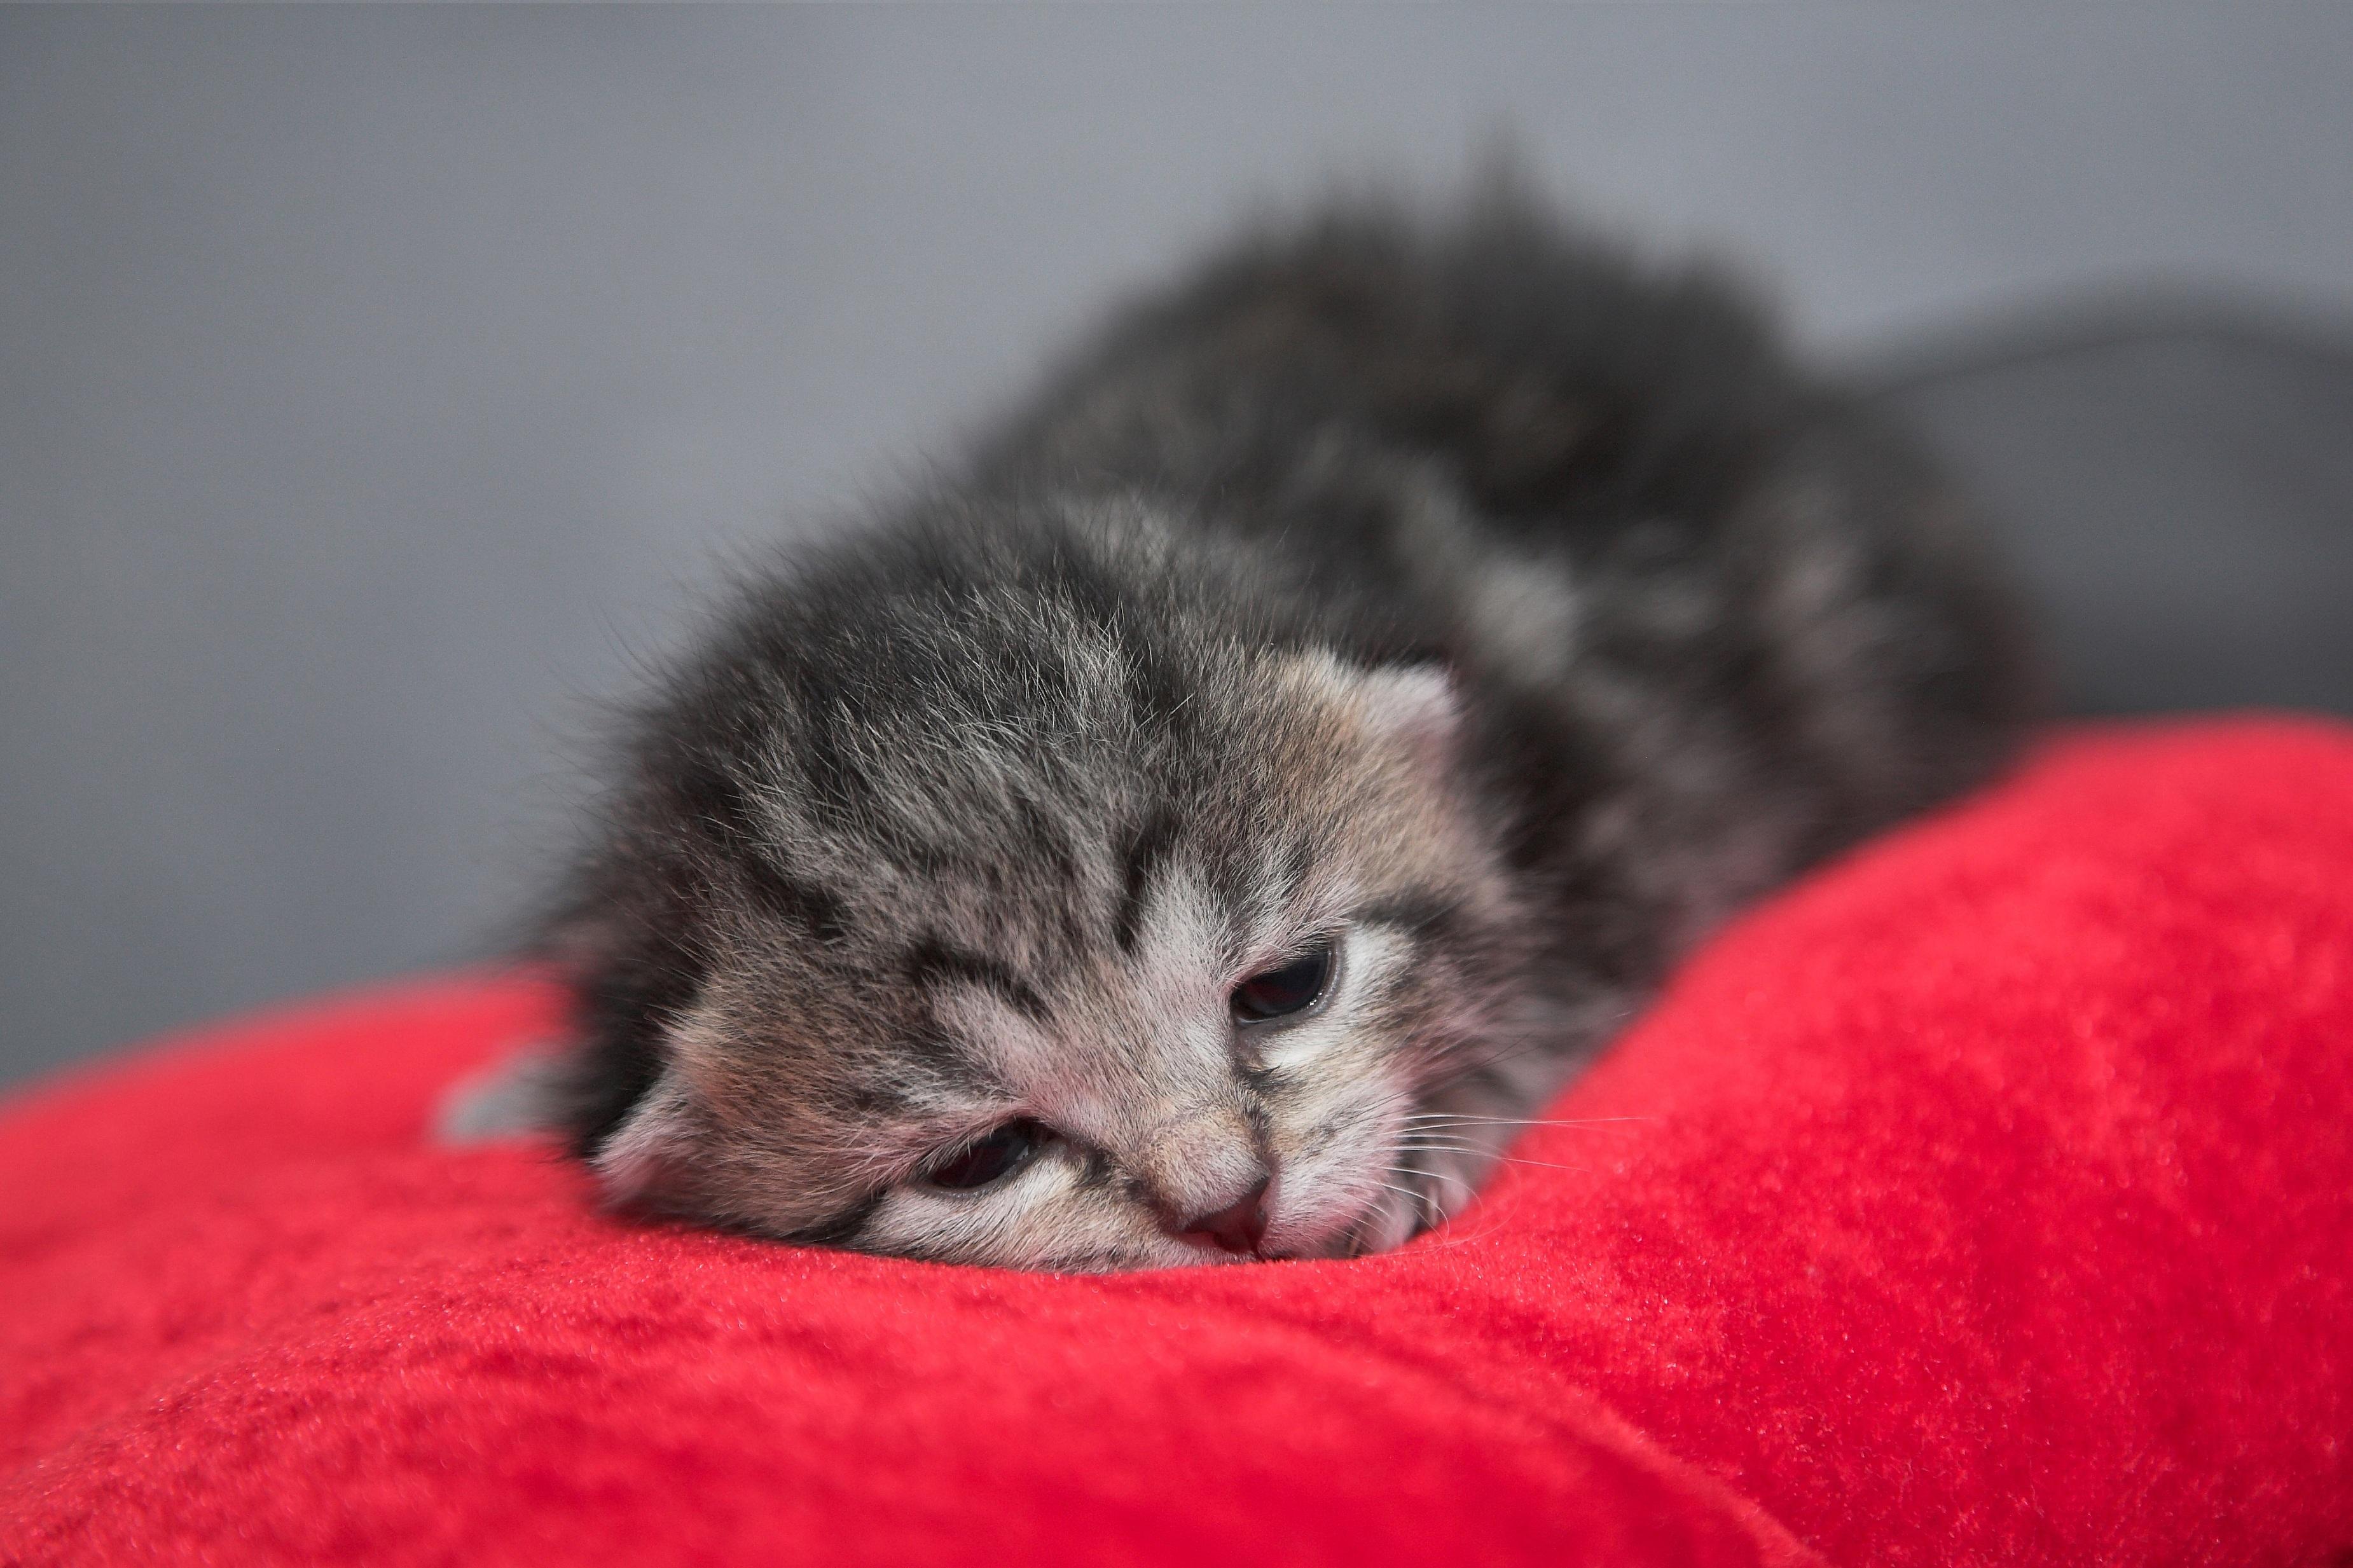 Fettartig schwarze Muschi-Katze nycKostenlose asiatische Pornos vid